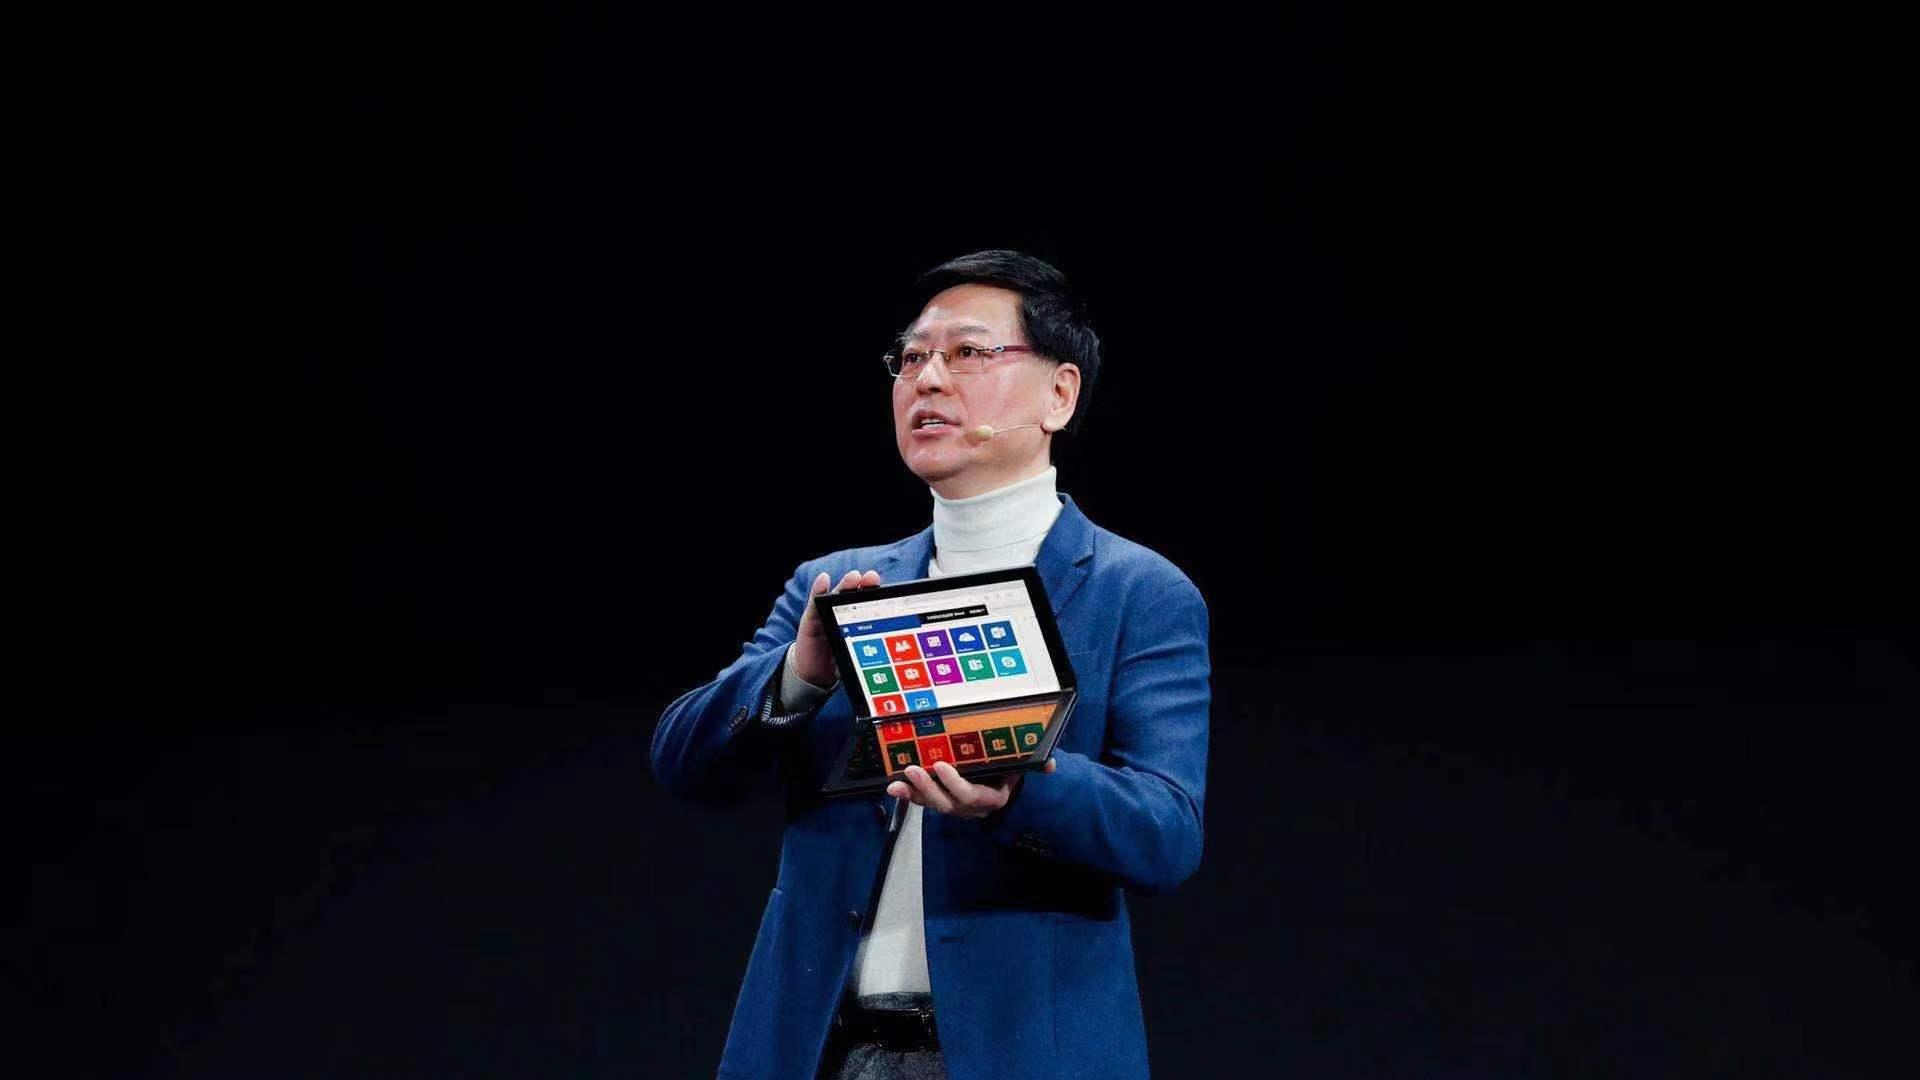 联想推出全球首款5G电脑,贾朝晖预测将于明年一季度上市